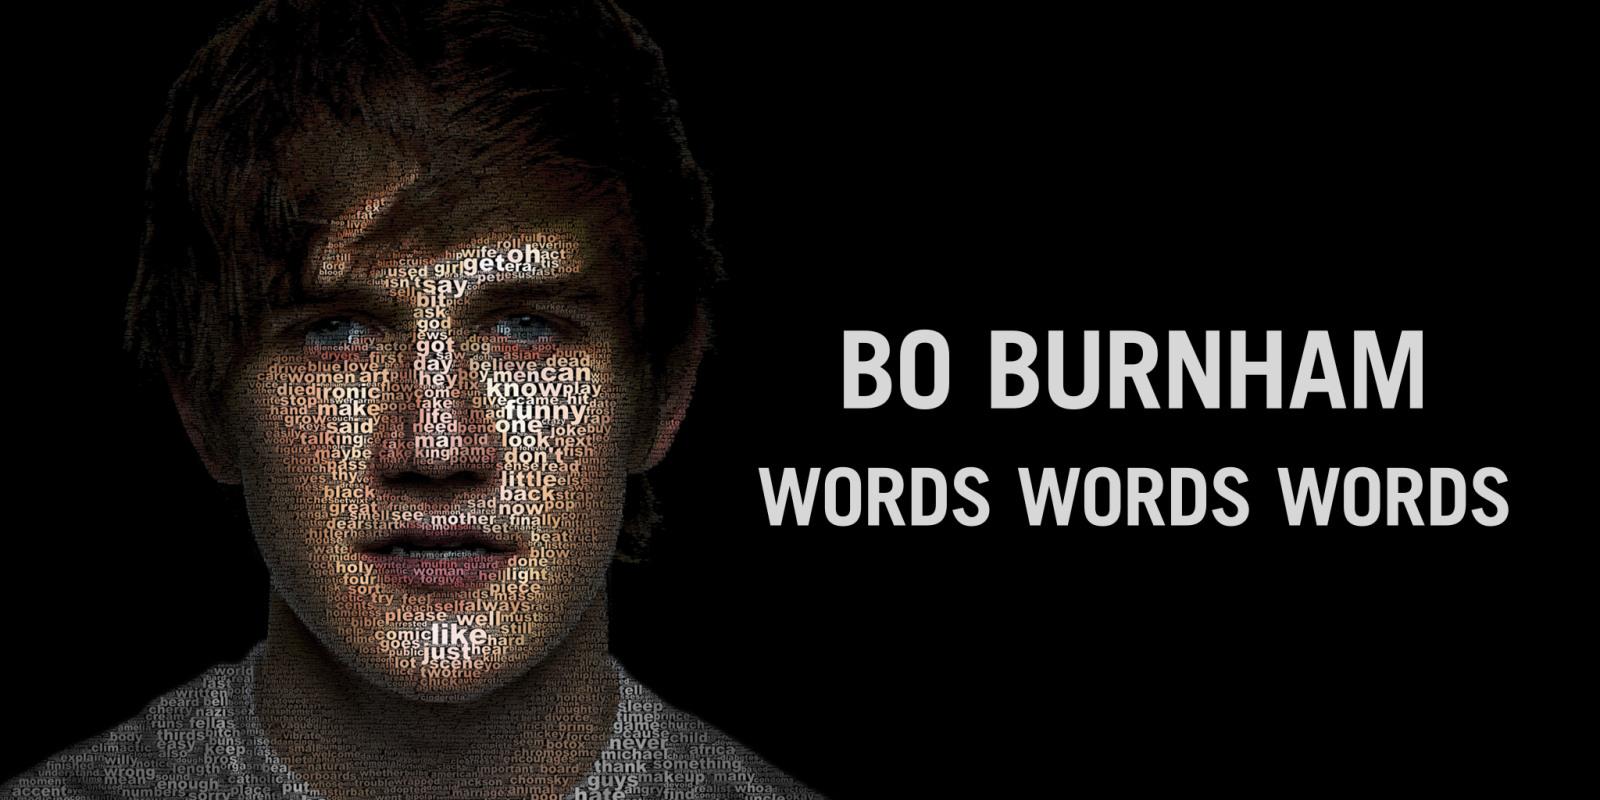 BO BURNHAM - WORDS, WORDS, WORDS